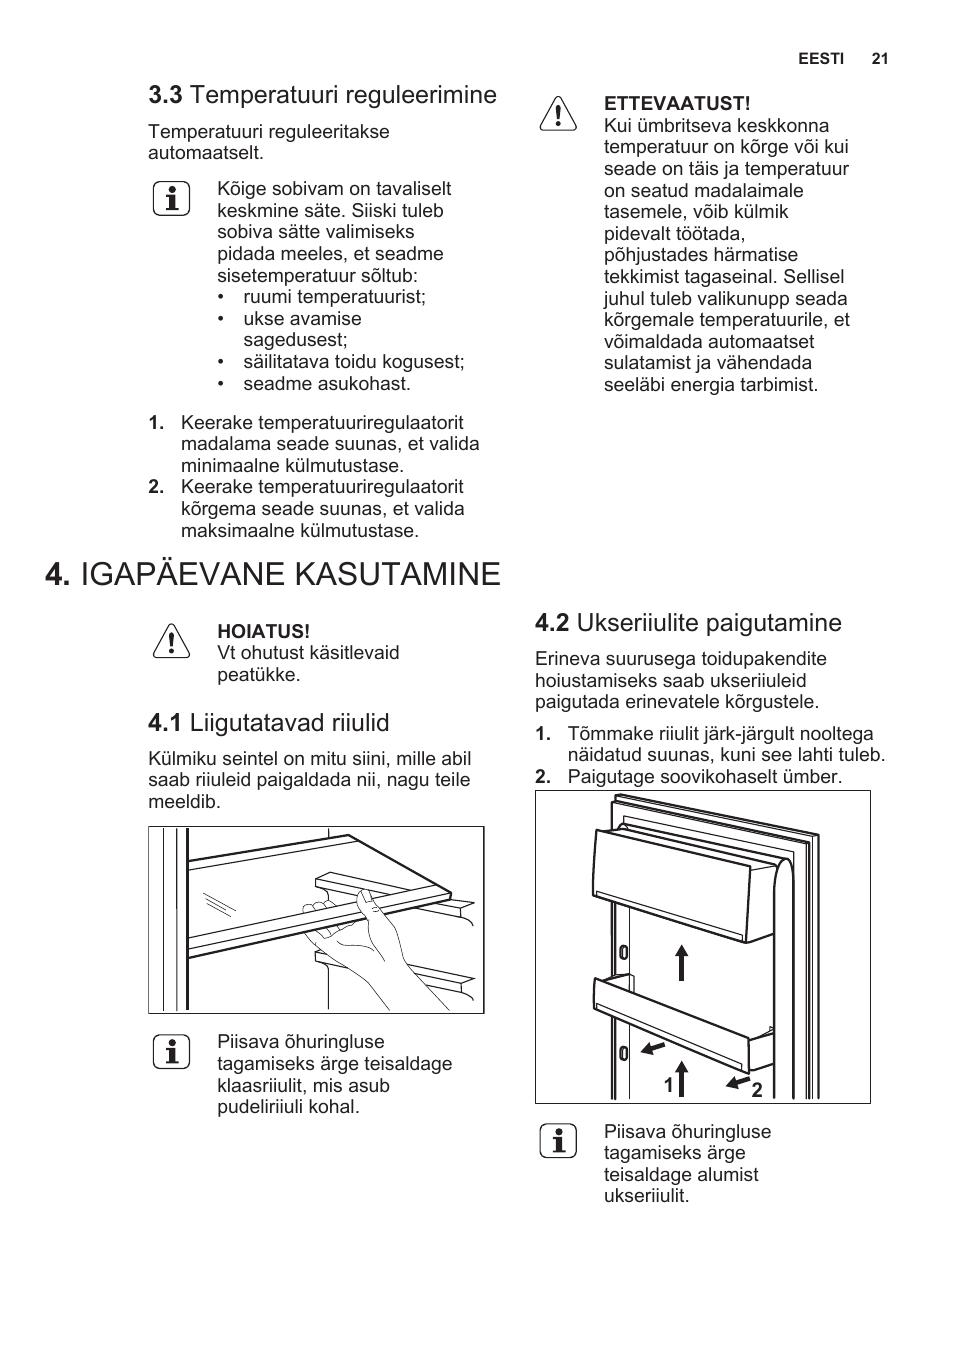 92ec43eef9d 3 temperatuuri reguleerimine, Igapäevane kasutamine, 1 liigutatavad riiulid  | Инструкция по эксплуатации Electrolux ERN2201FOW | Страница 21 / 68